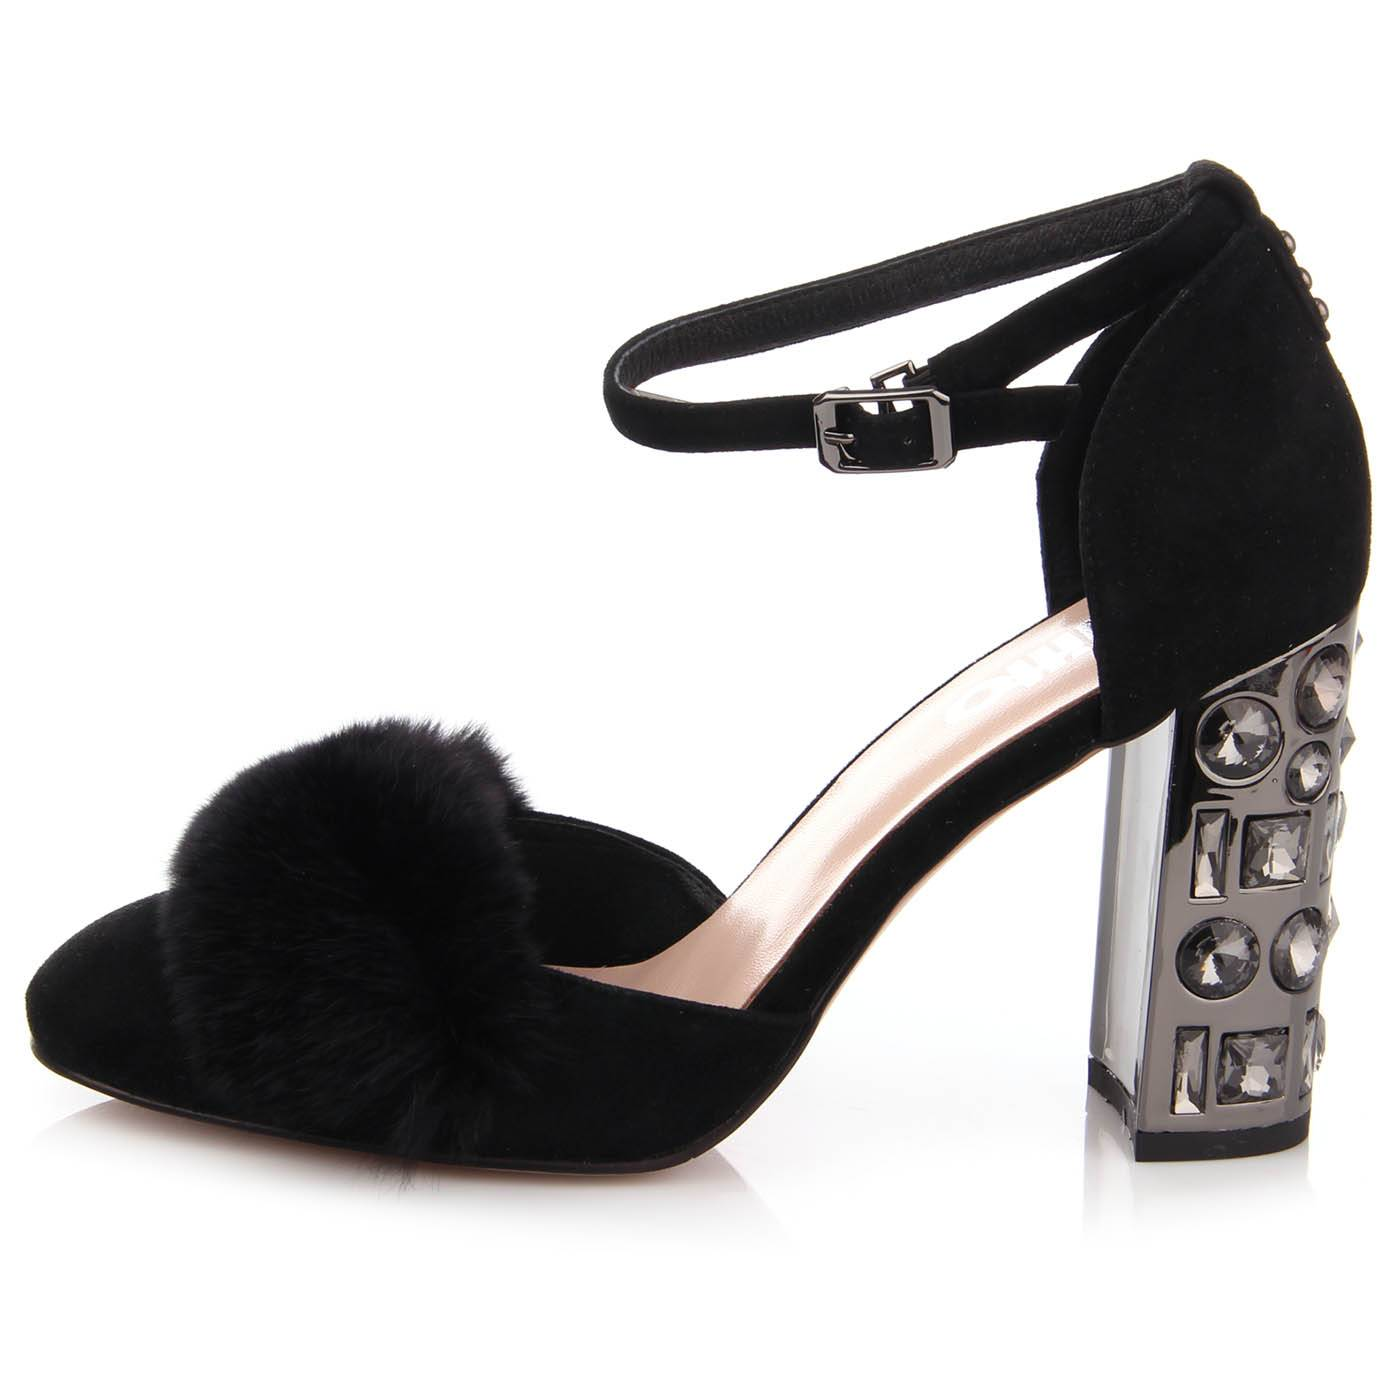 Туфли женские ditto 6690 Черный купить по выгодной цене в интернет ... 1fc1657f567